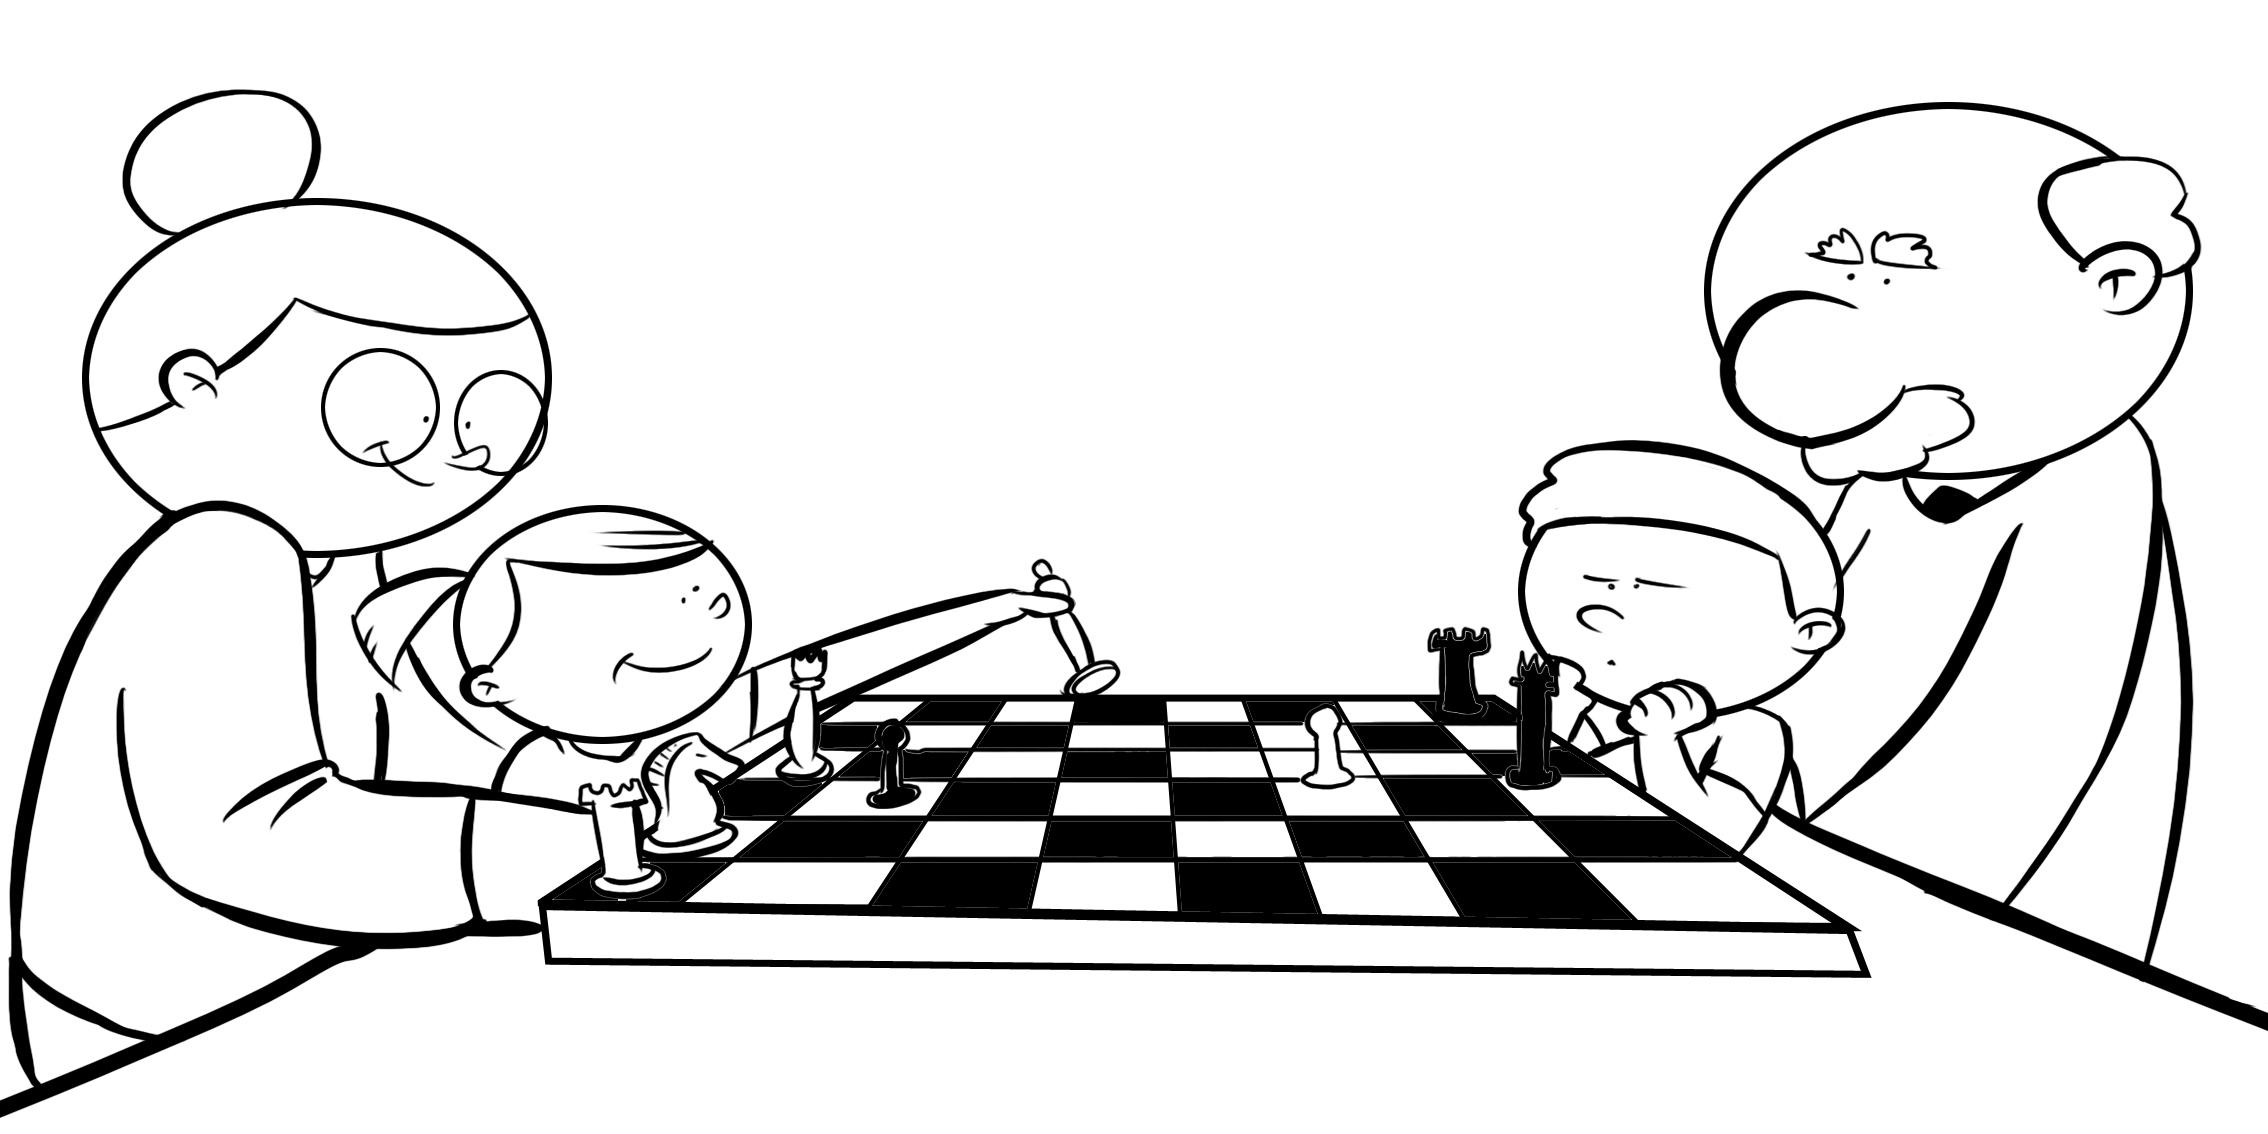 Dibujos De Ninos Juegos De Mesa Para Ninos Para Colorear